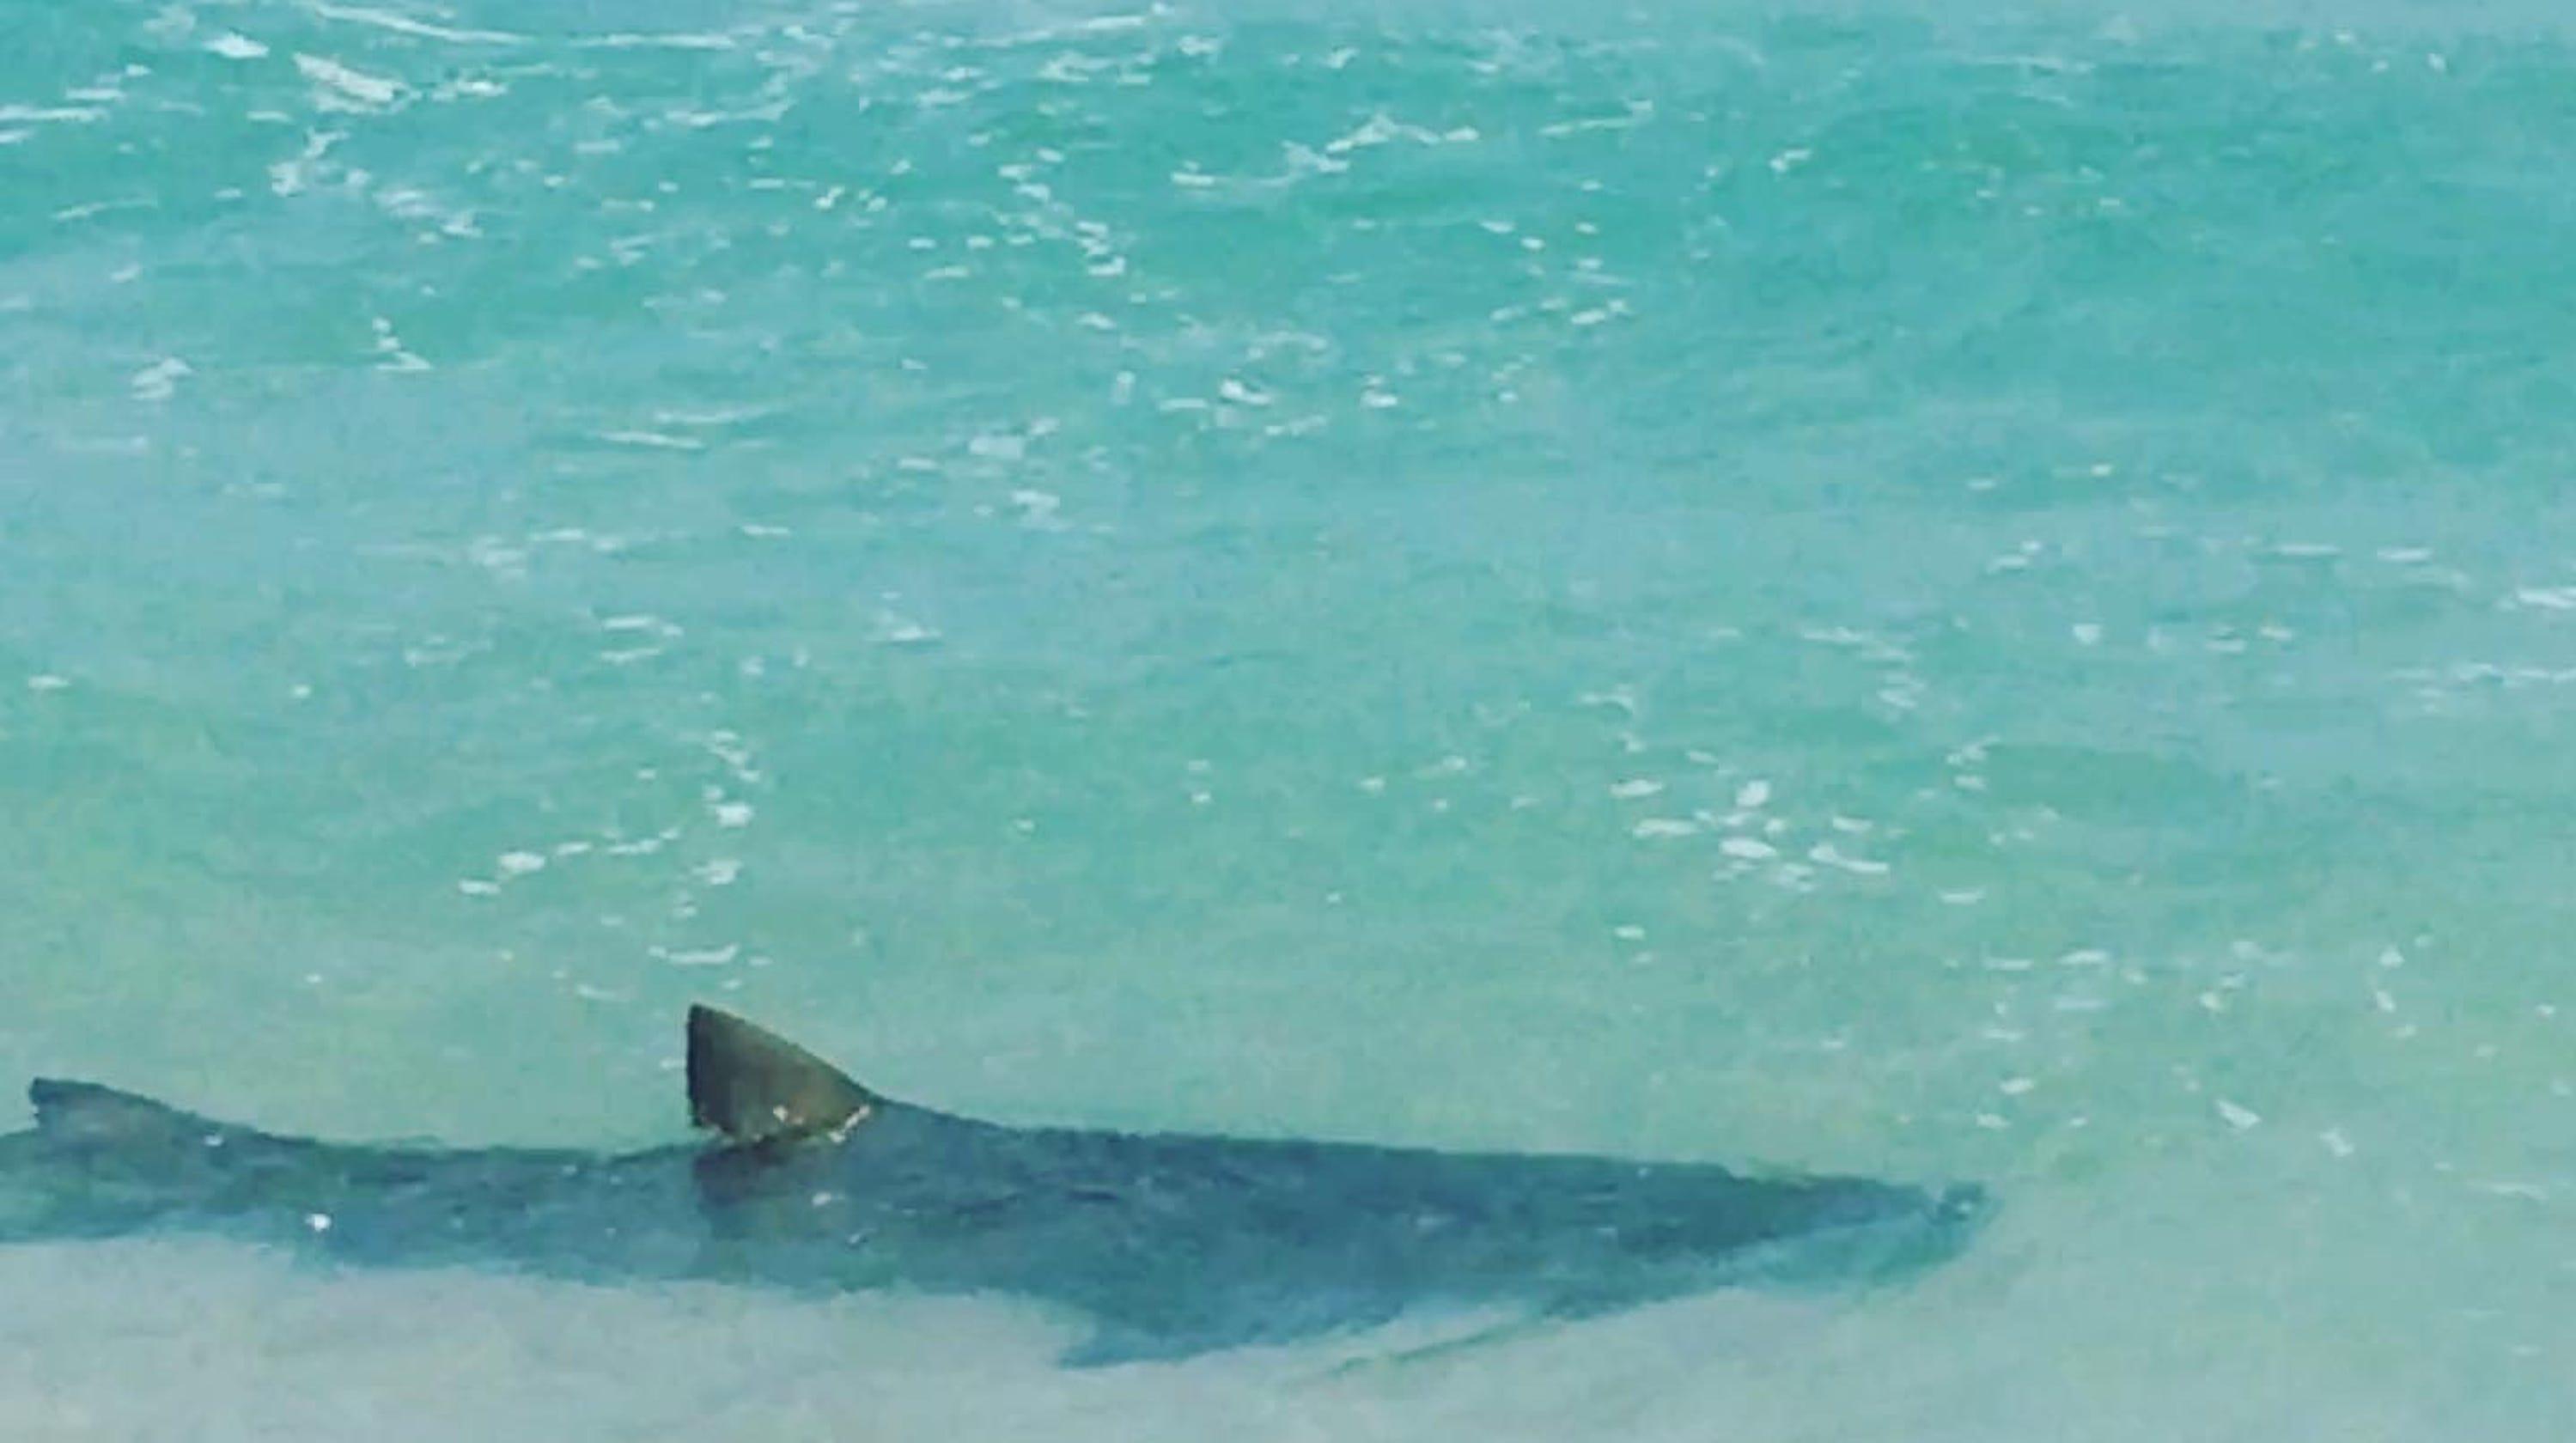 Pelican Beach Park: Shark cruising shoreline may be harmless